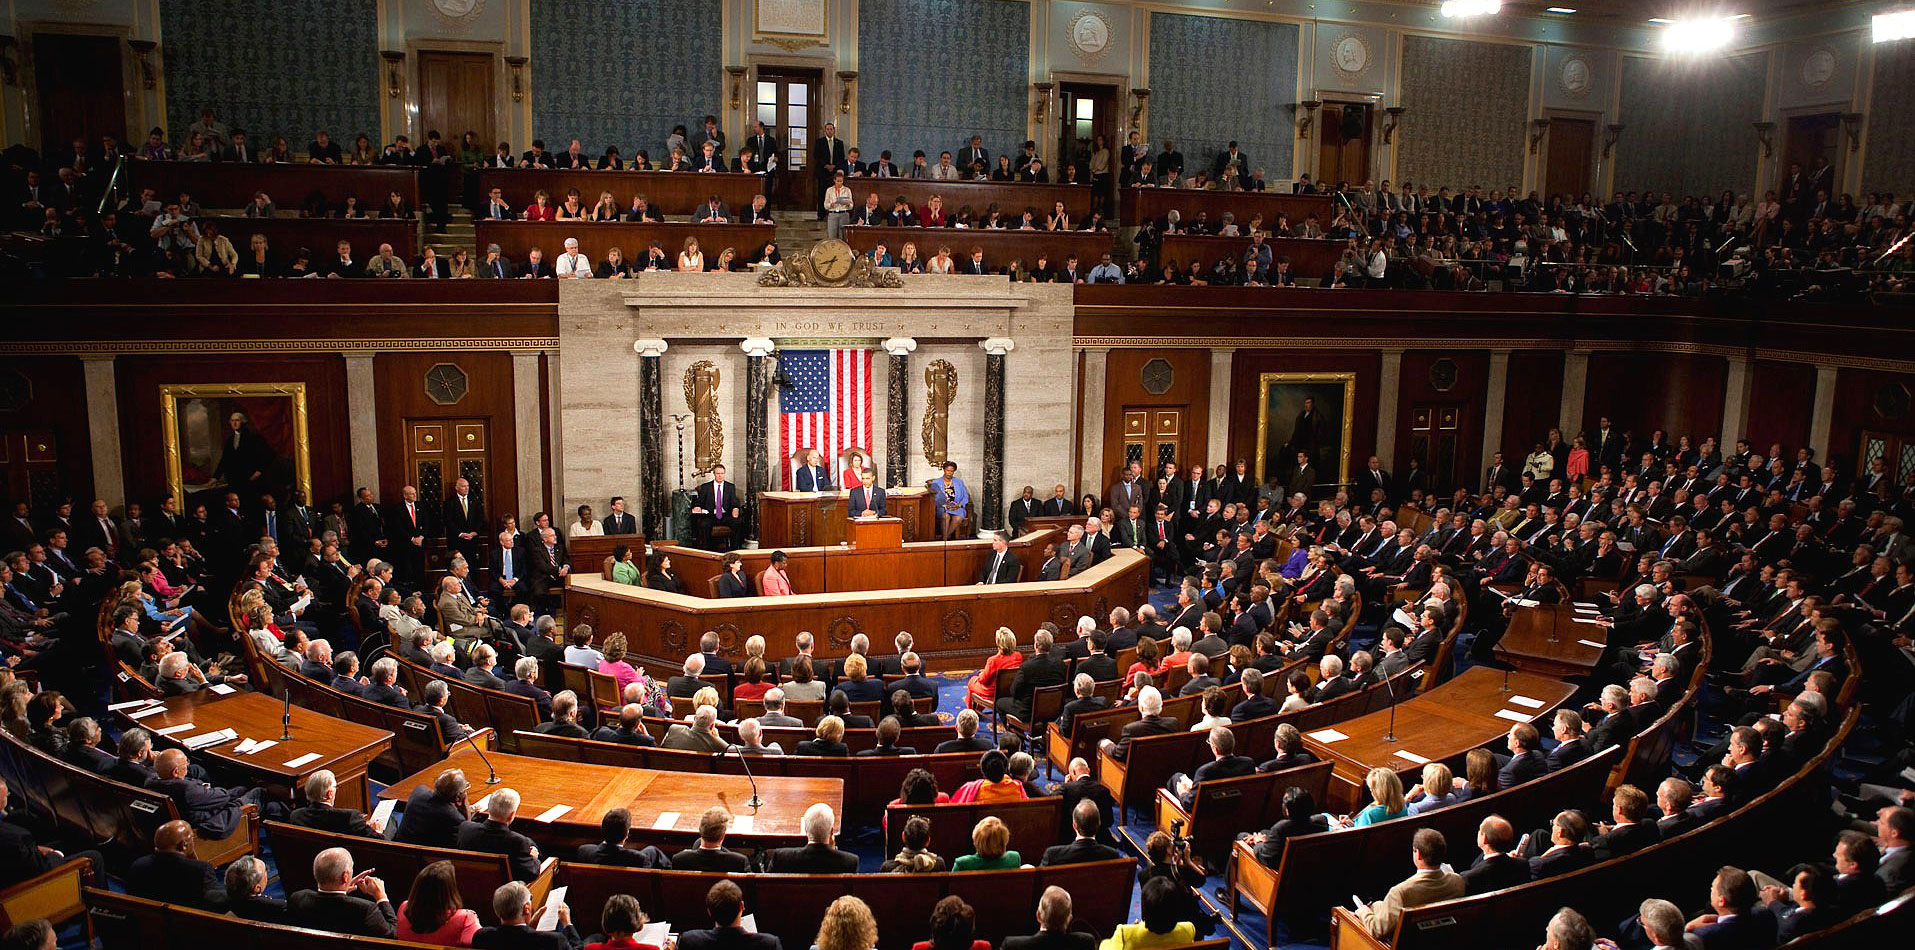 مجلس الشيوخ الأميركي يصادق على نقل السفارة إلى القدس